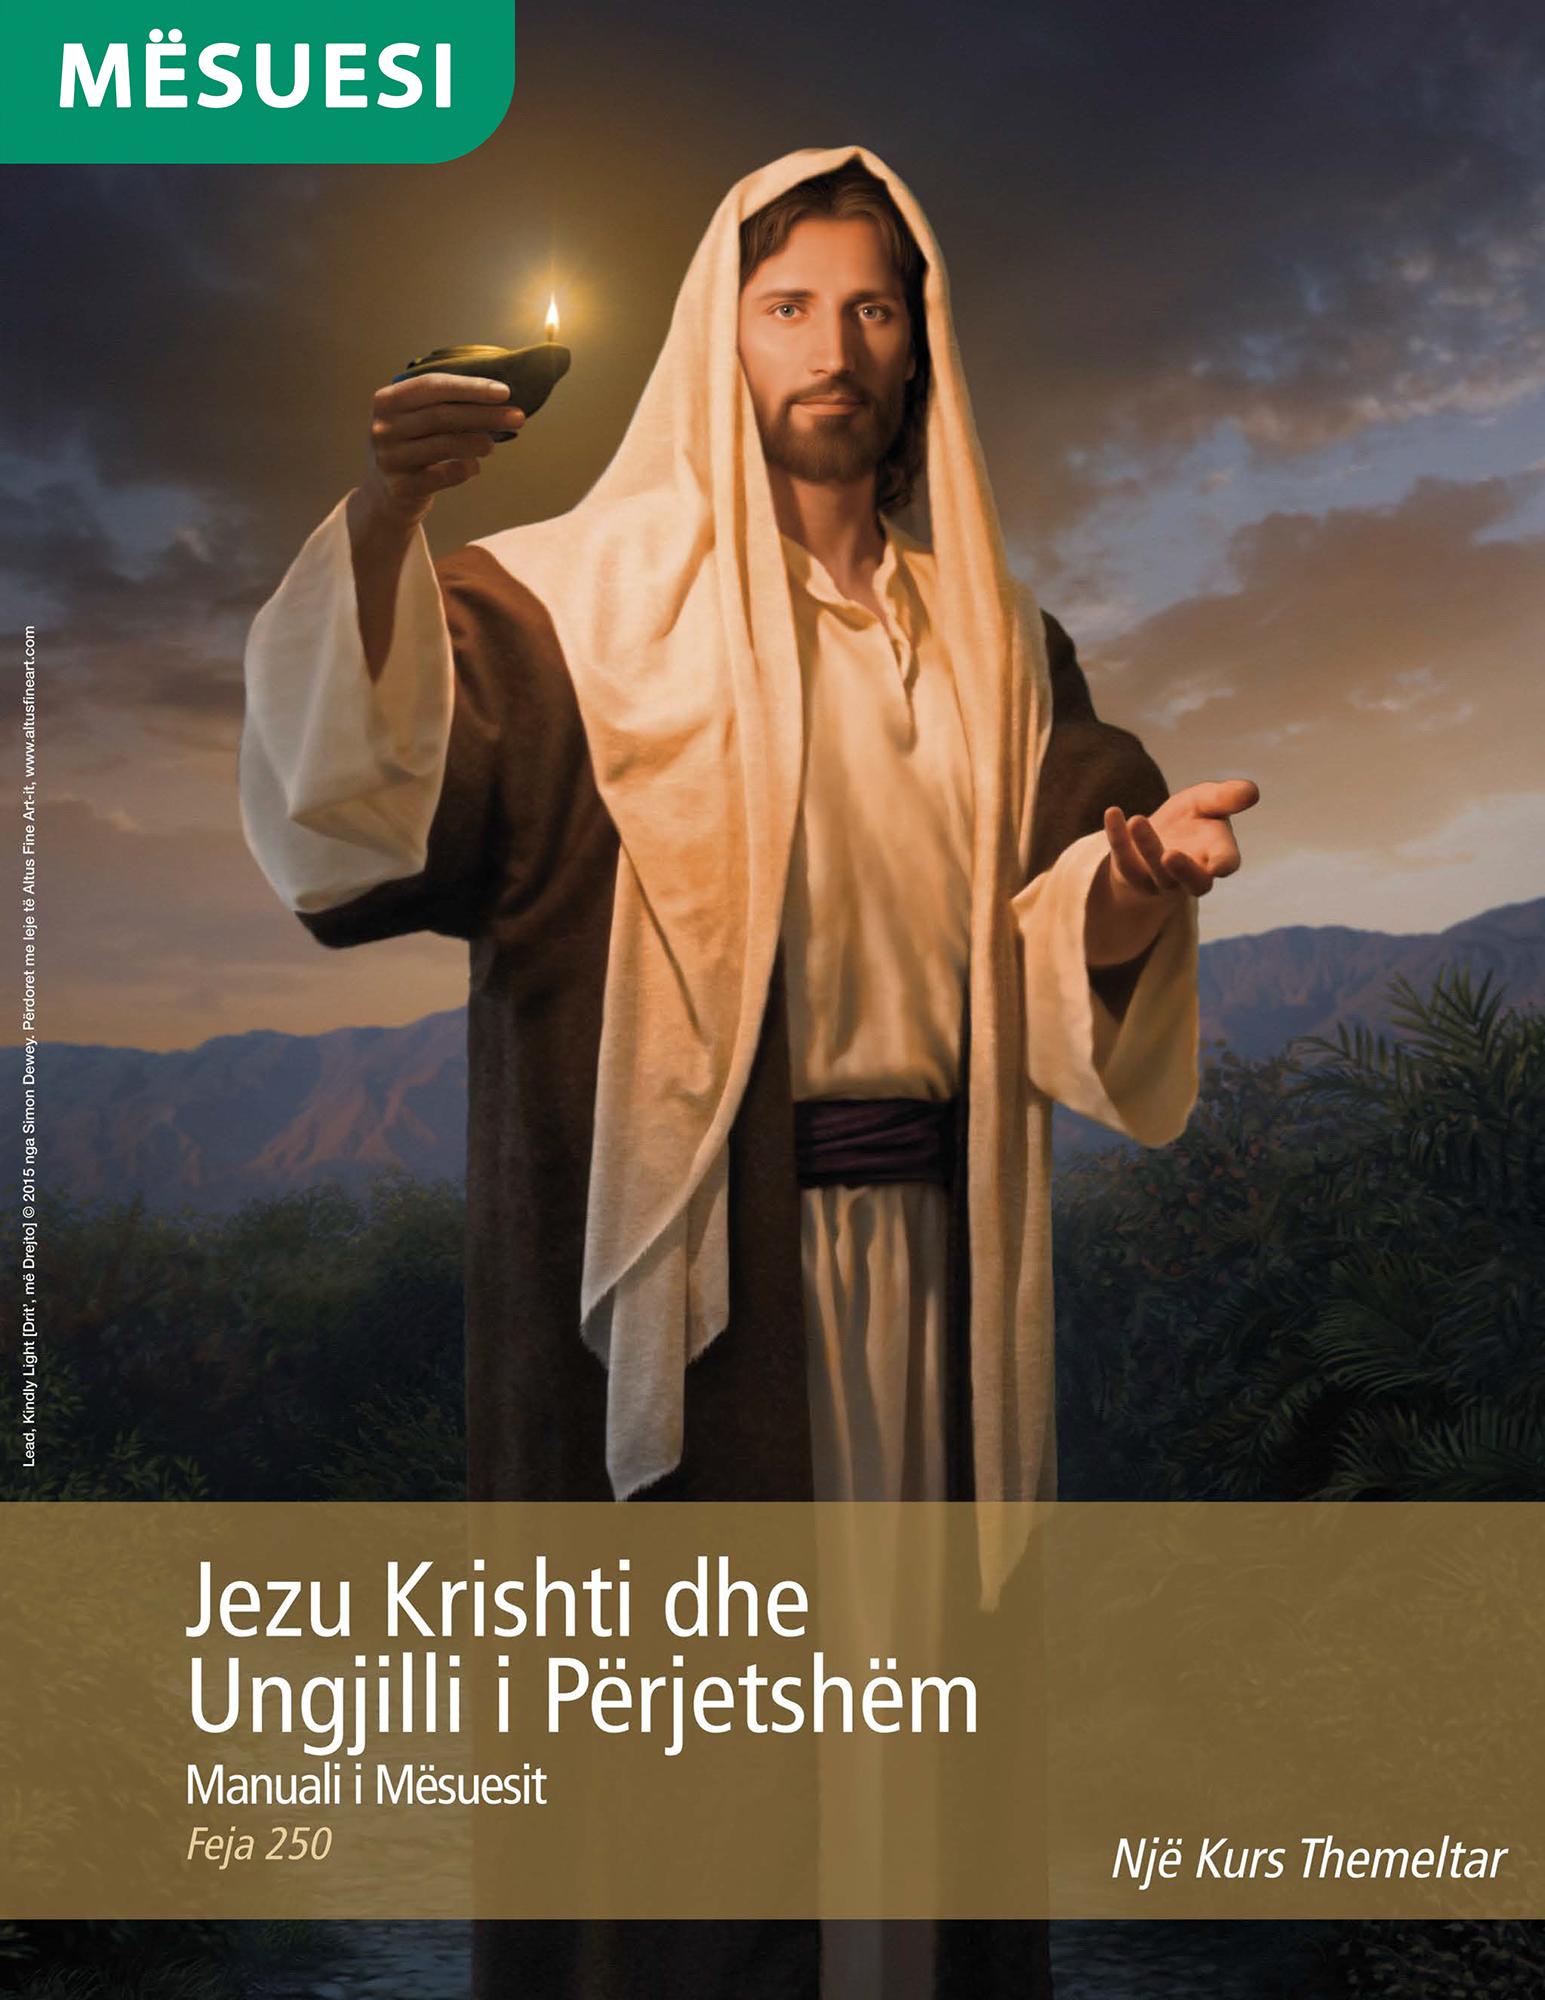 Manuali i Mësuesit për Jezu Krishtin dhe Ungjillin e Përjetshëm (Feja 250)